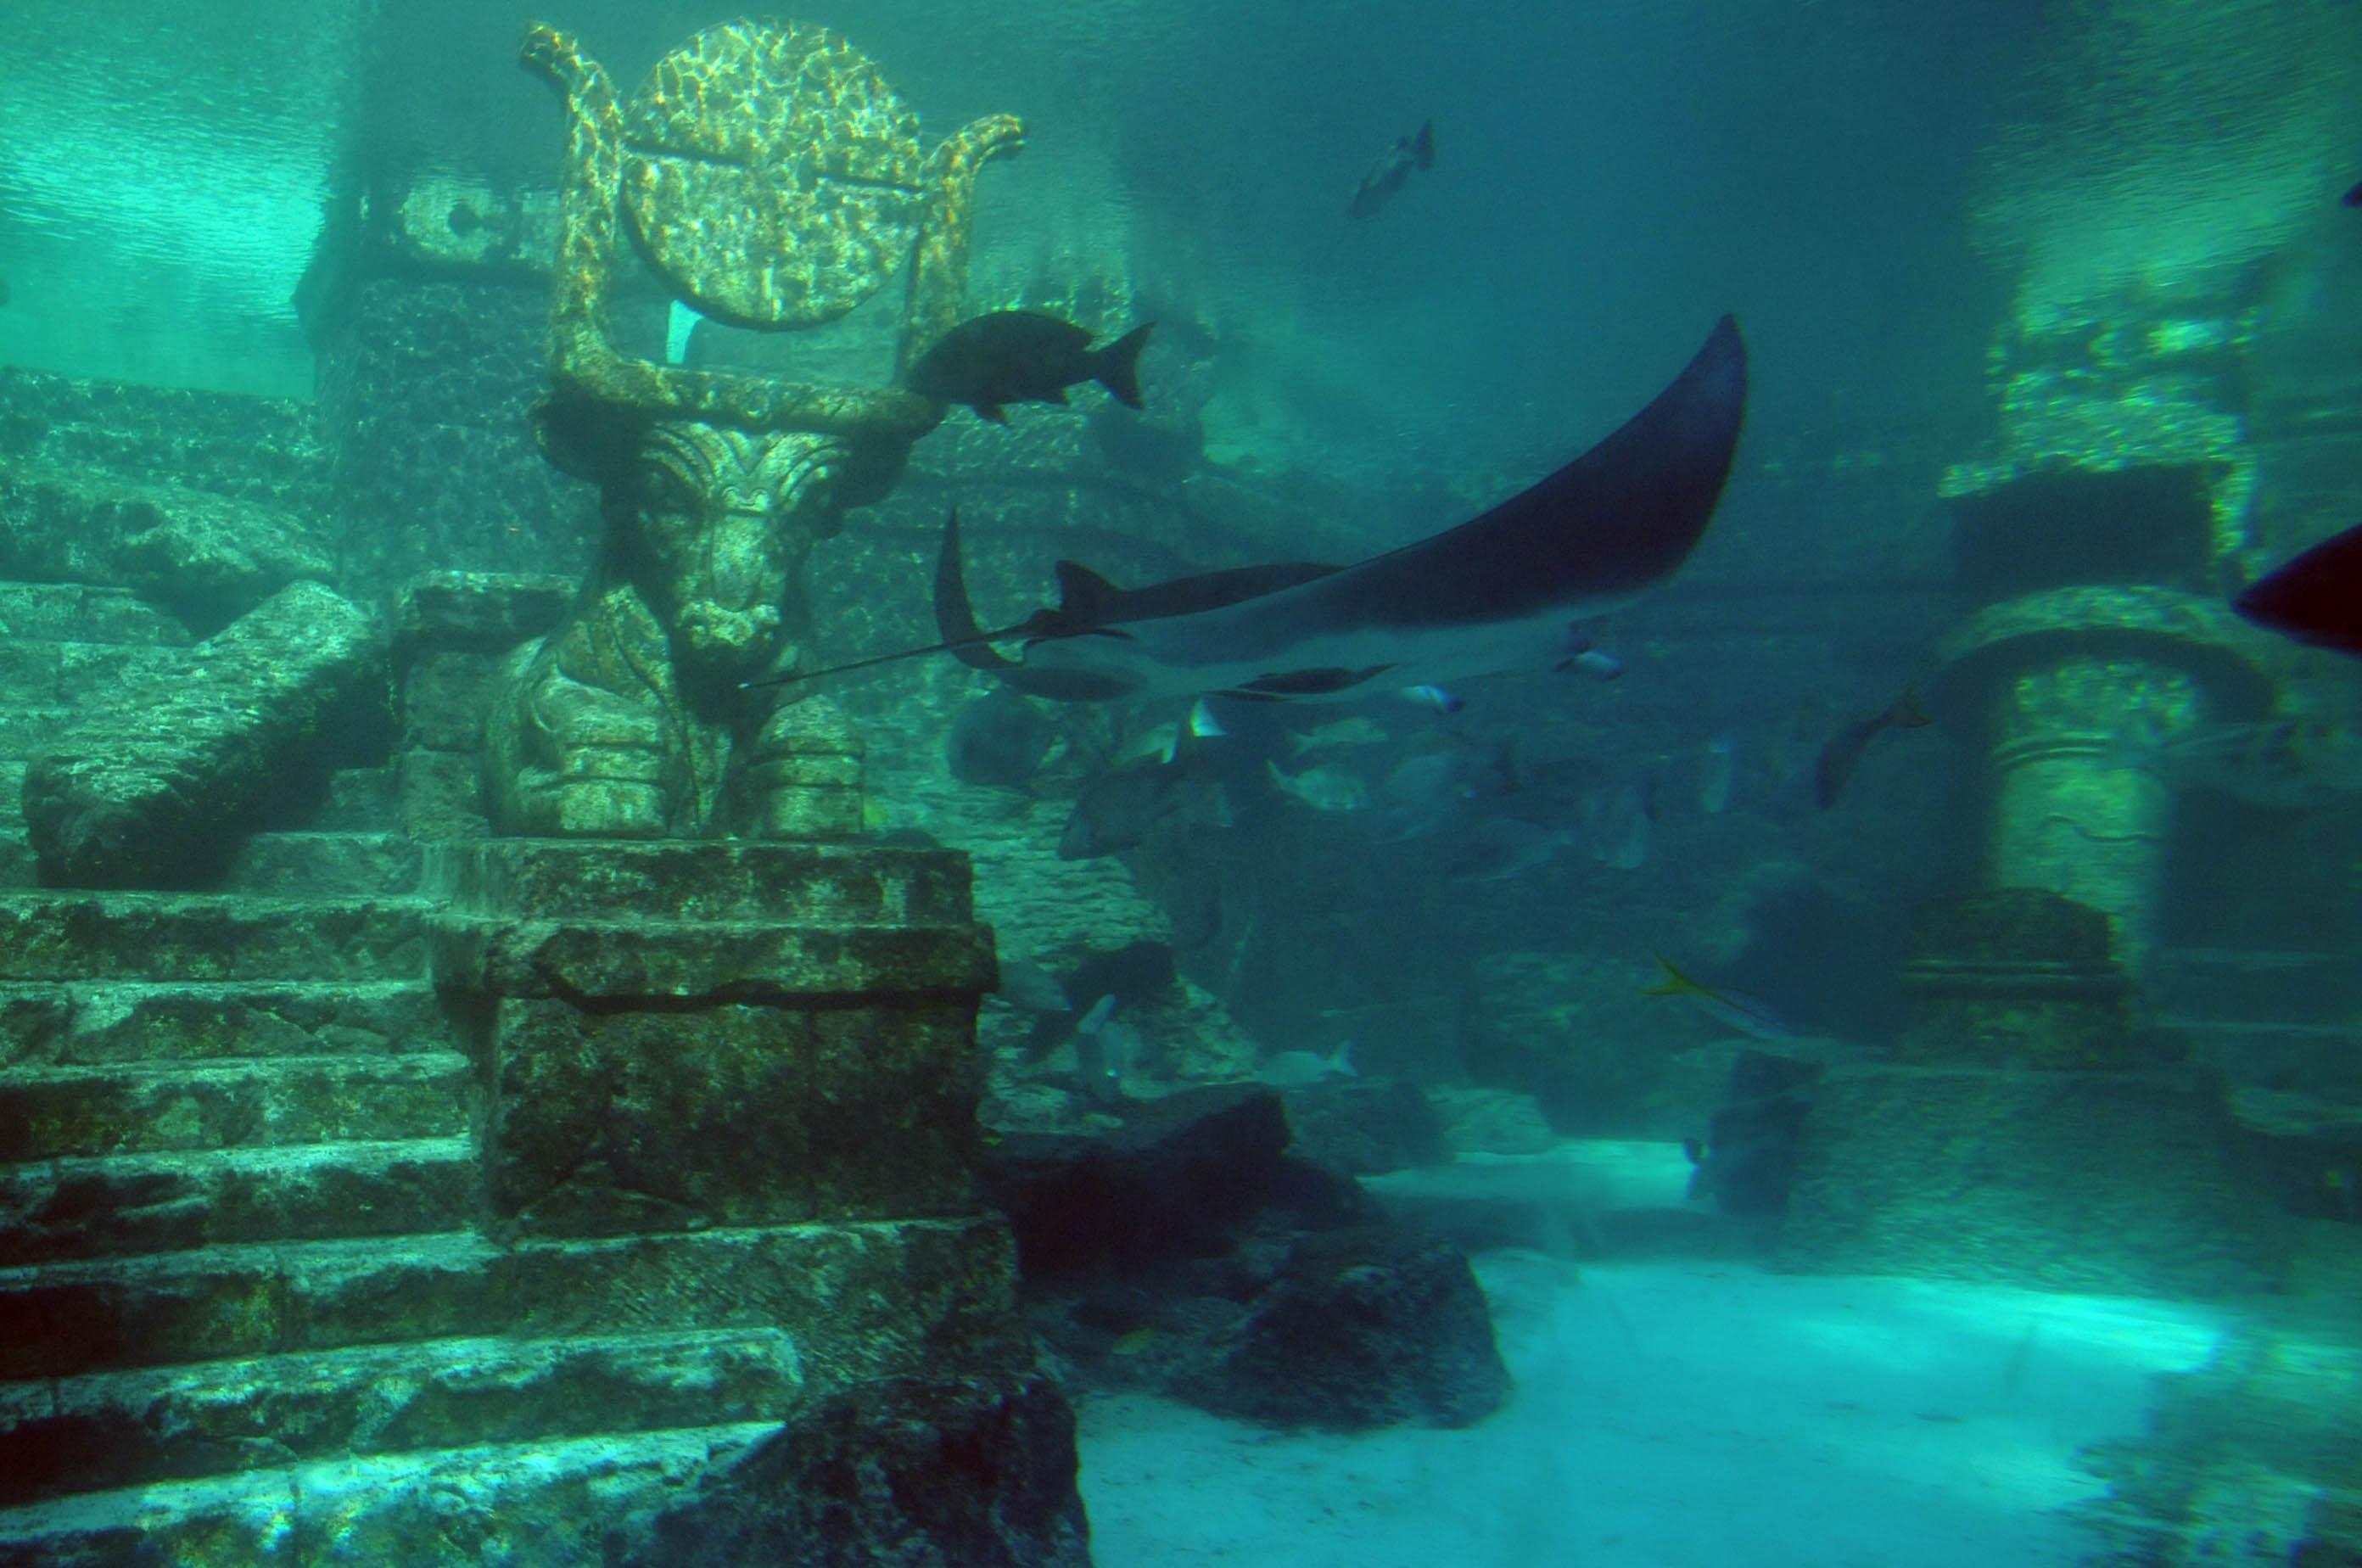 Treasure island resort & casino de isla del tesoro de 13 de noviembre de mim-43465